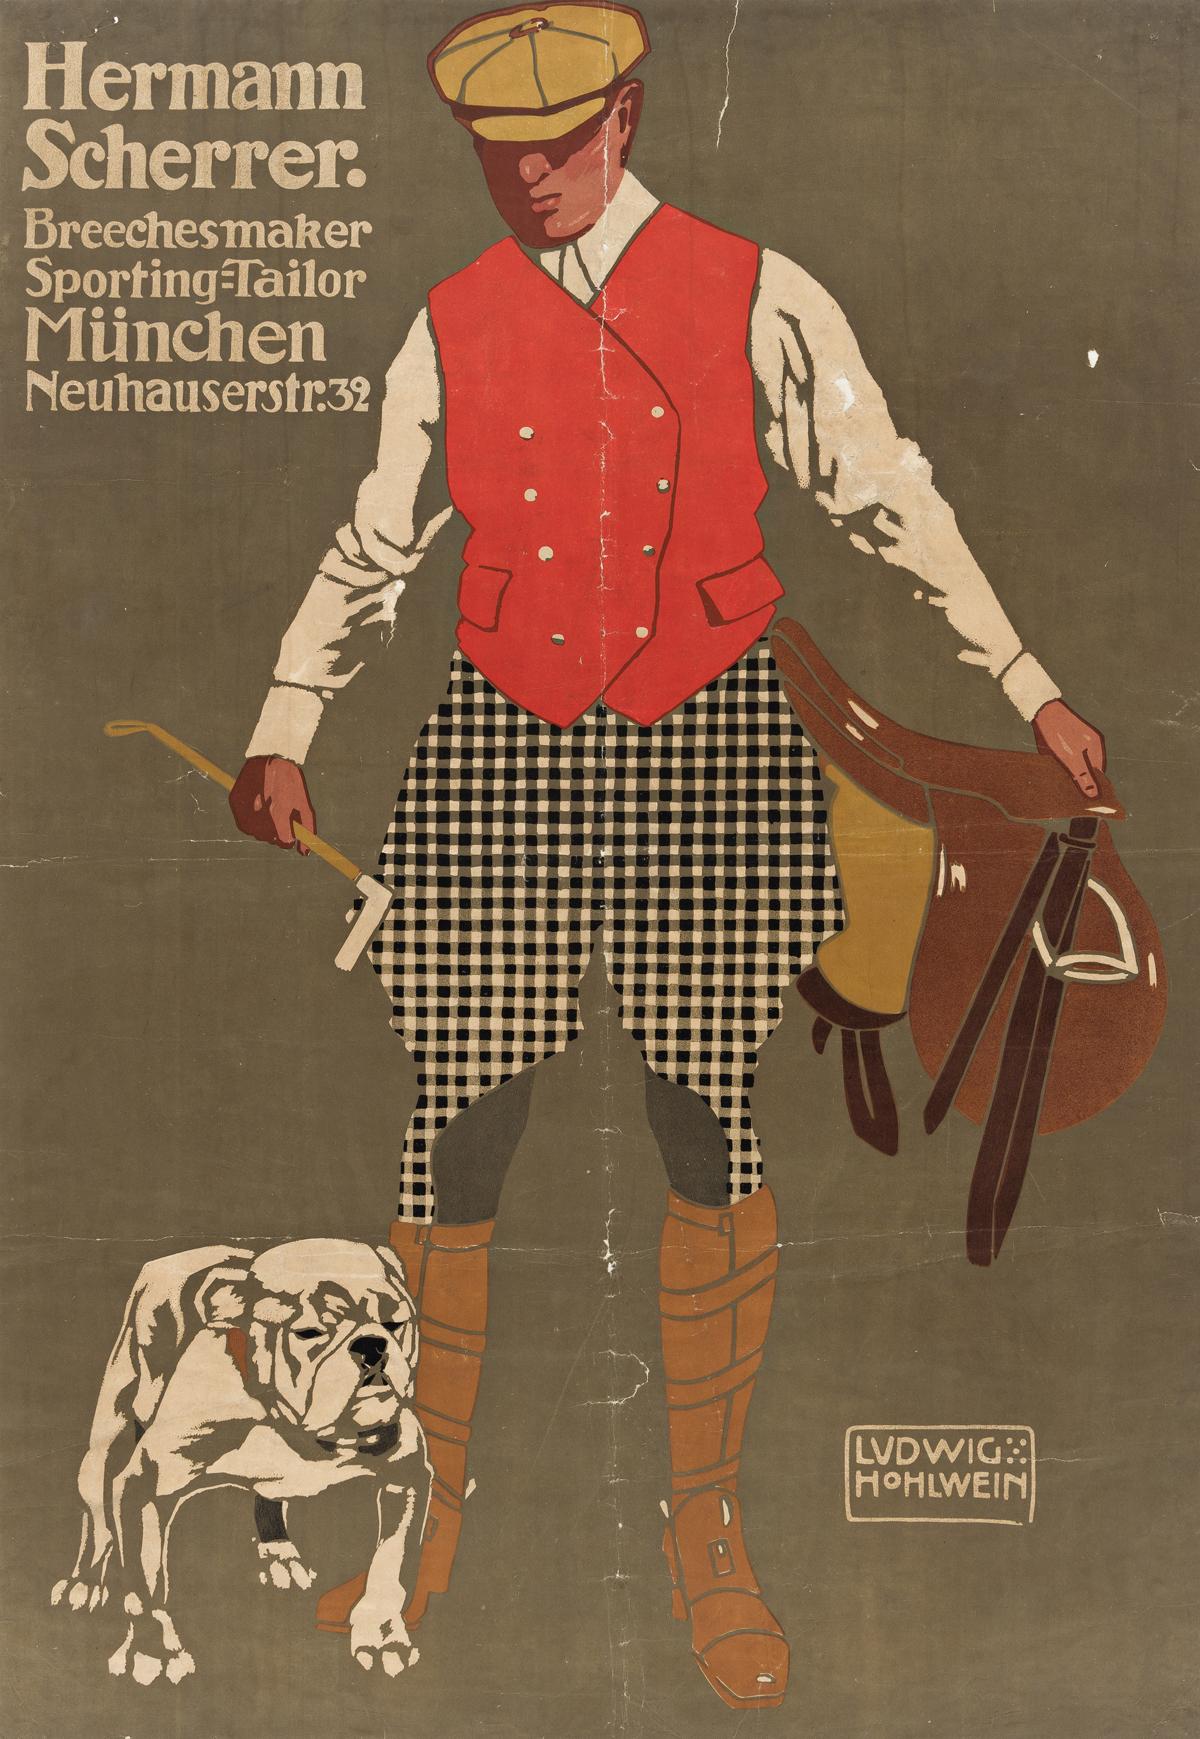 LUDWIG HOHLWEIN (1874-1949).  HERMANN SCHERRER. 1907. 38¼x26¼ inches, 97¾x67¼ cm. [Schön & Maison, Munich.]